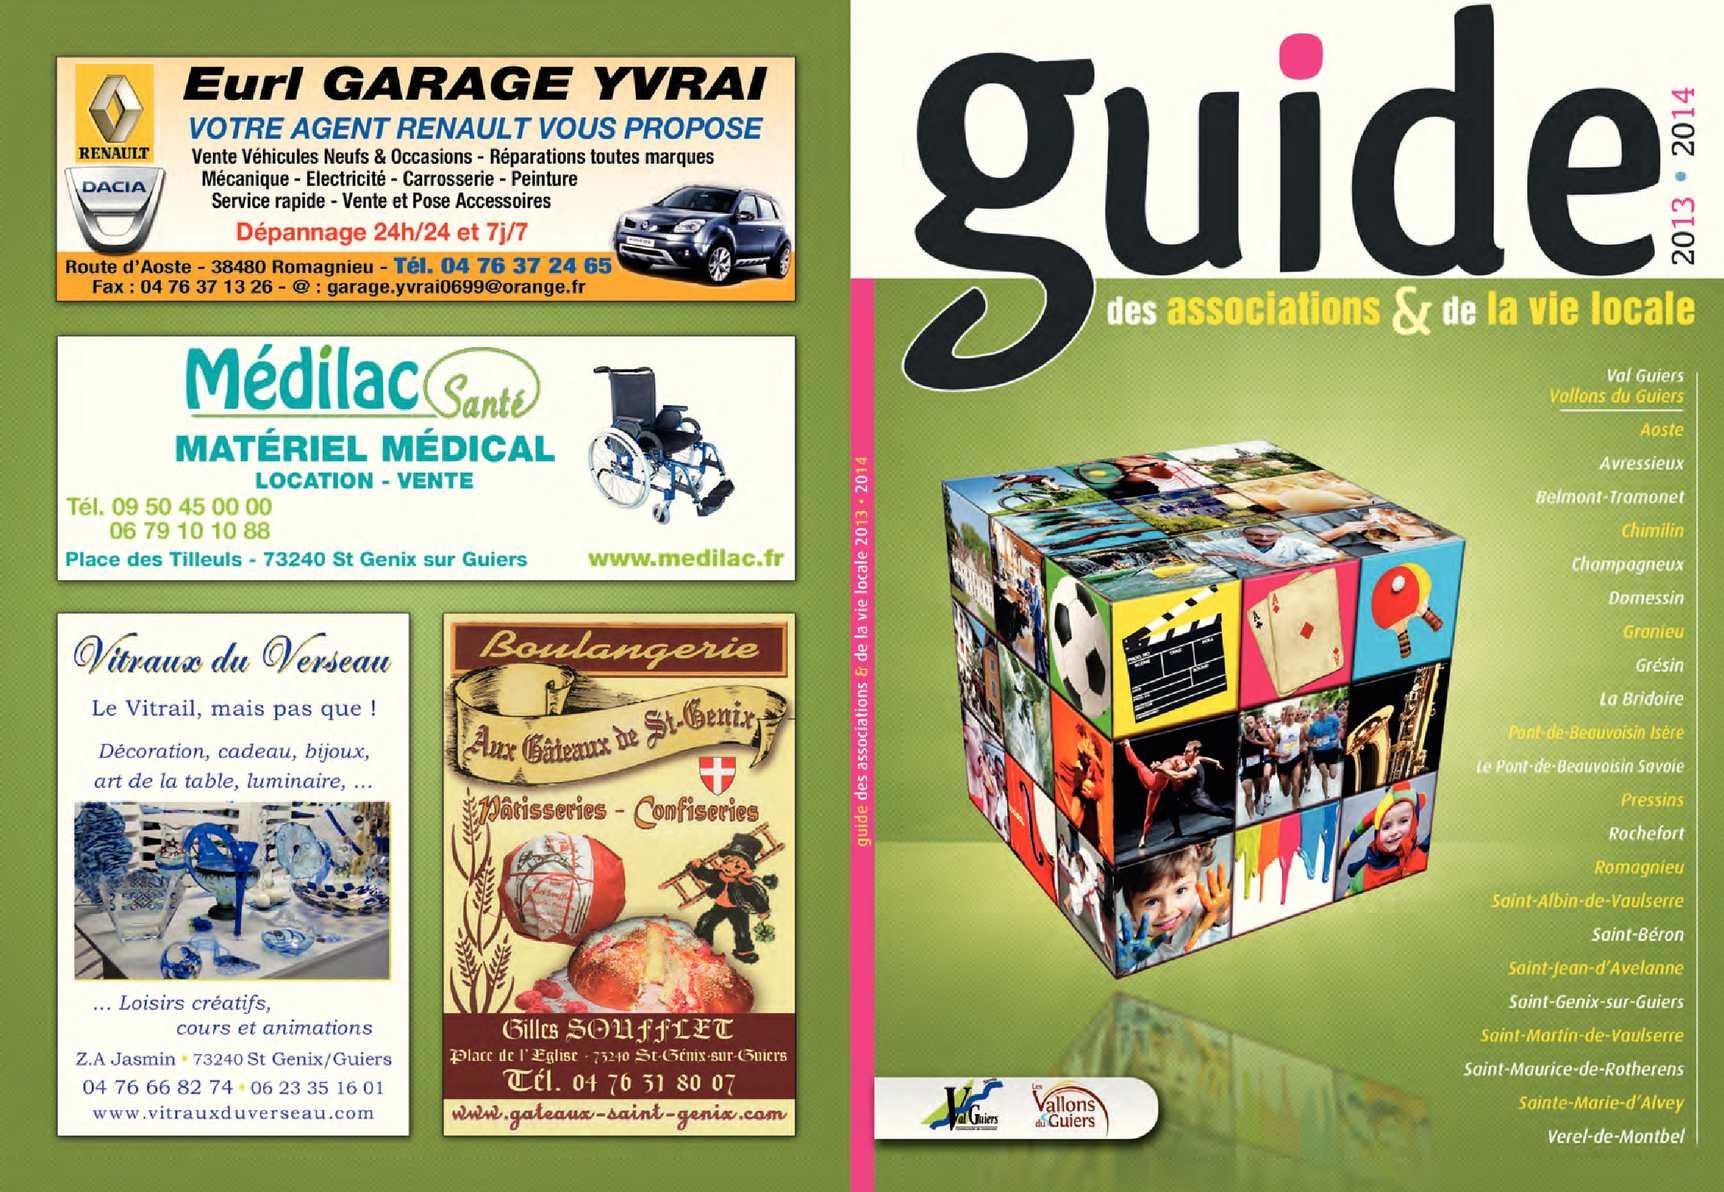 Calam o guide des associations 2013 2014 - Saint genix sur guiers office du tourisme ...